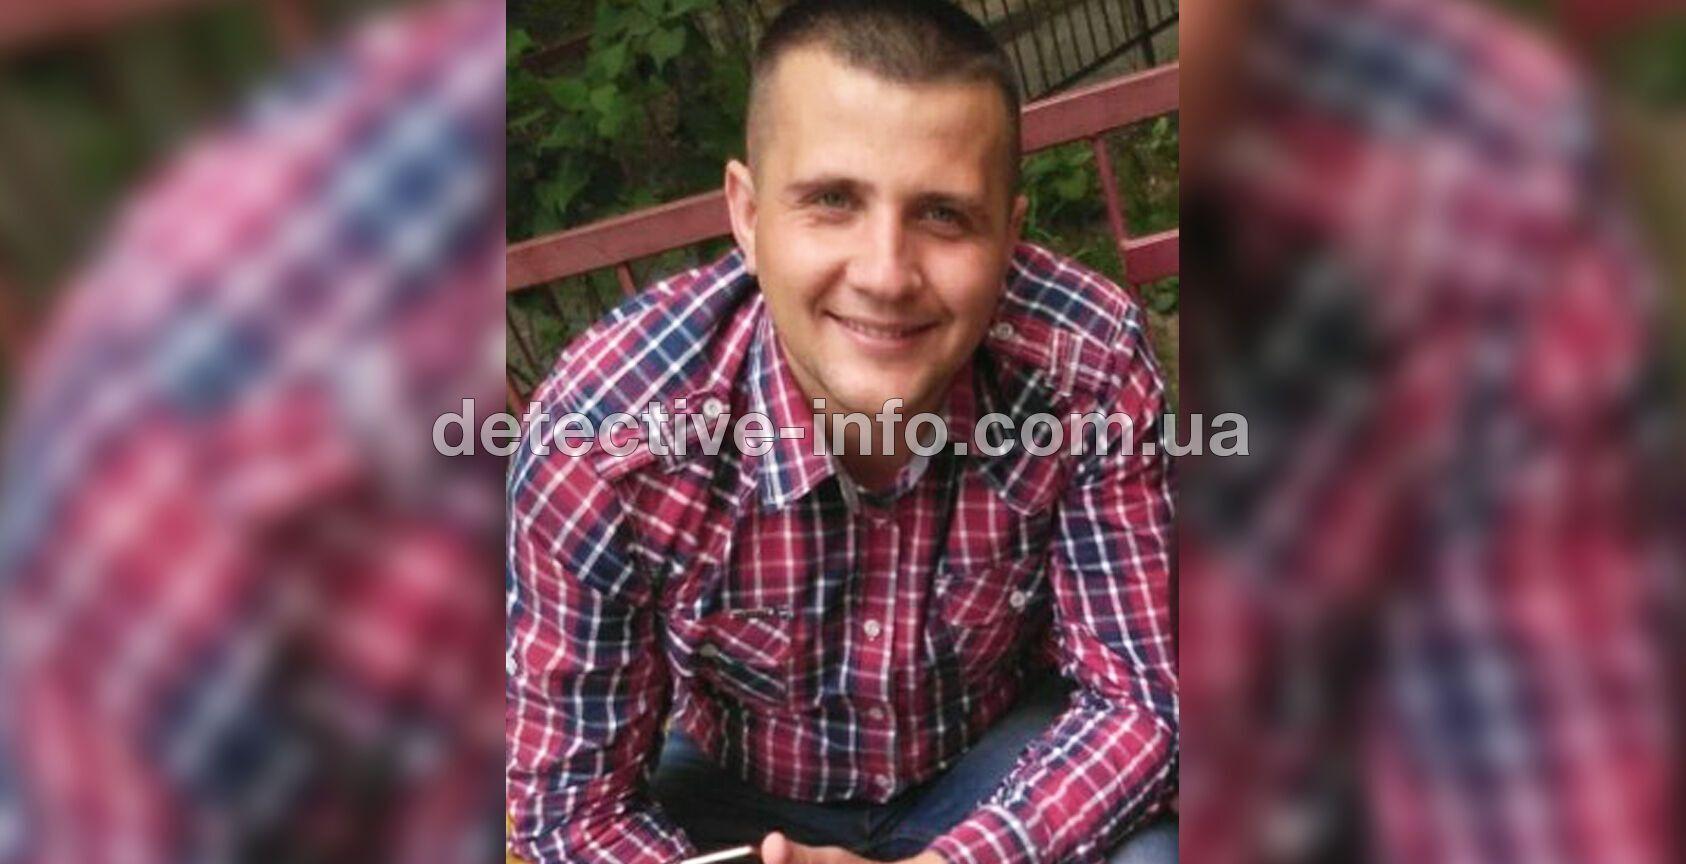 Освобожденный из-под стражи экс-оперуполномоченный Ярослав Леваднюк